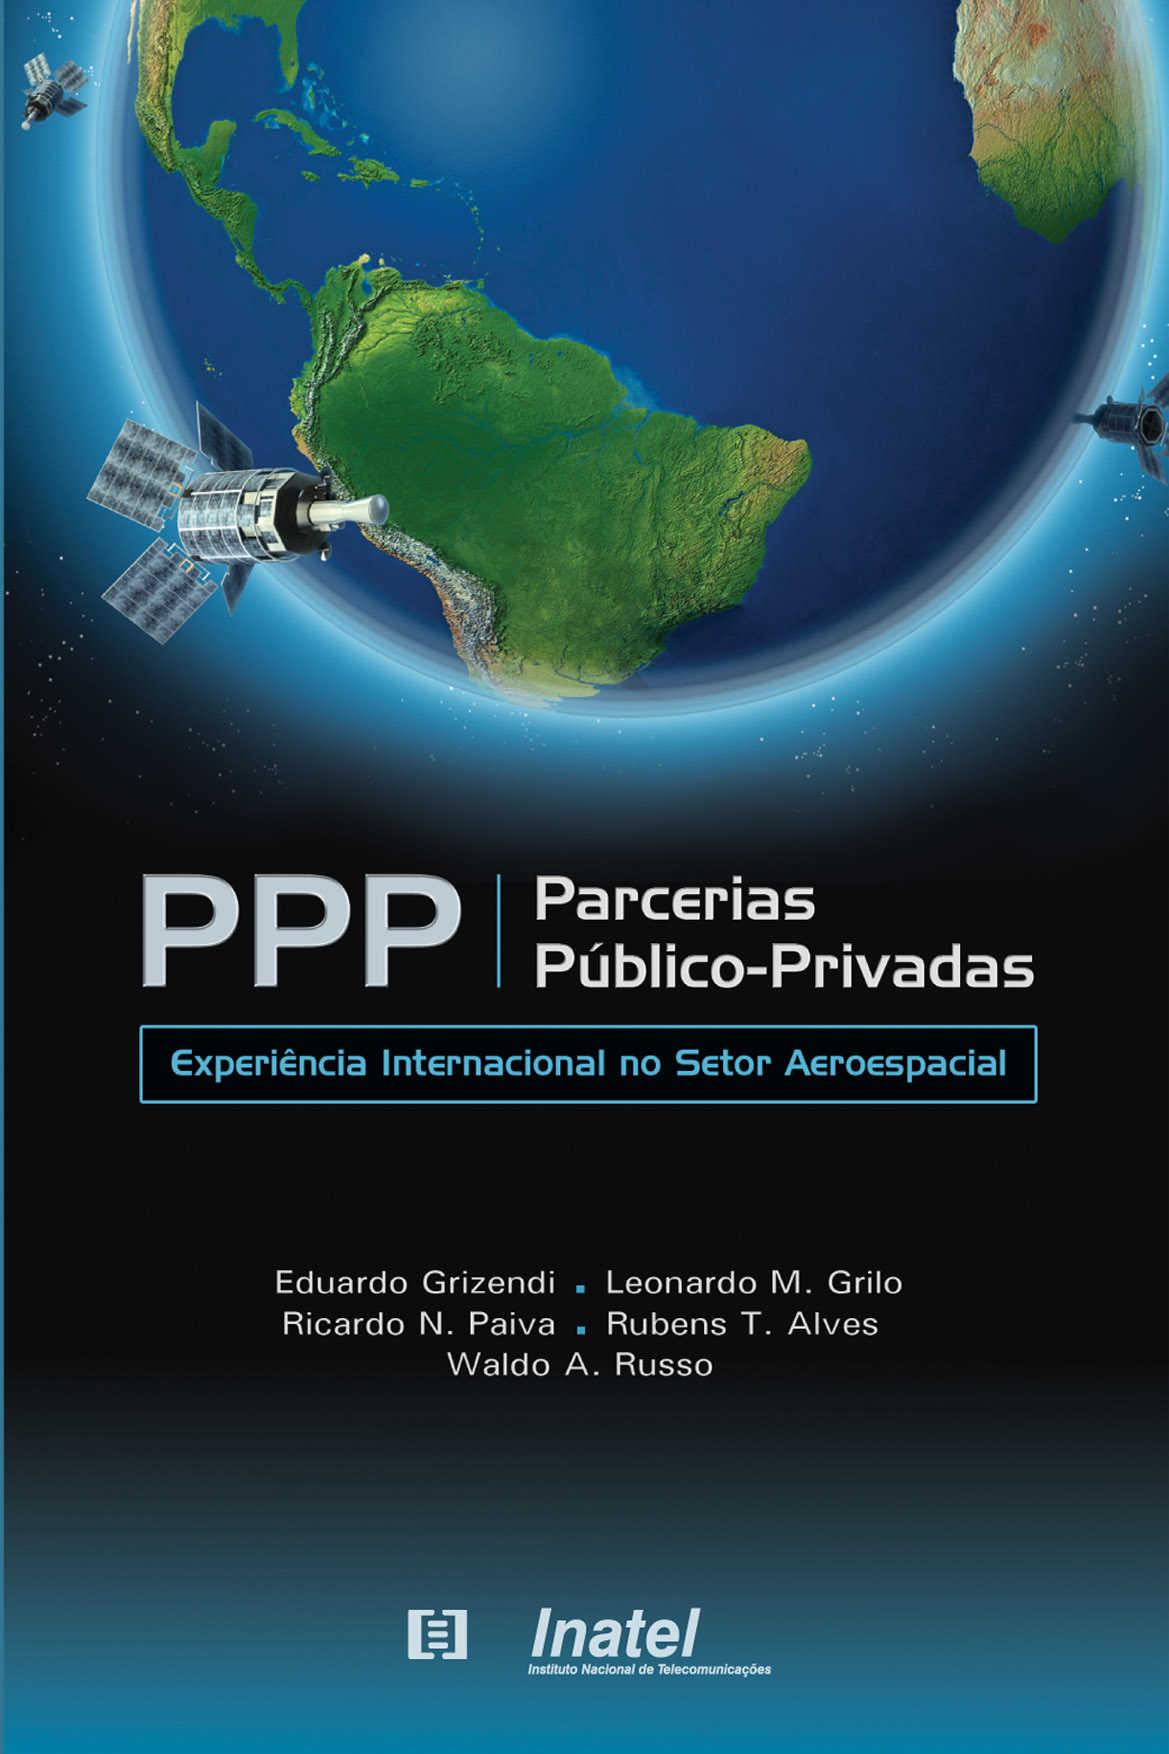 PPP - Parcerias Público-Privadas: Experiência internacional no setor aerospacial